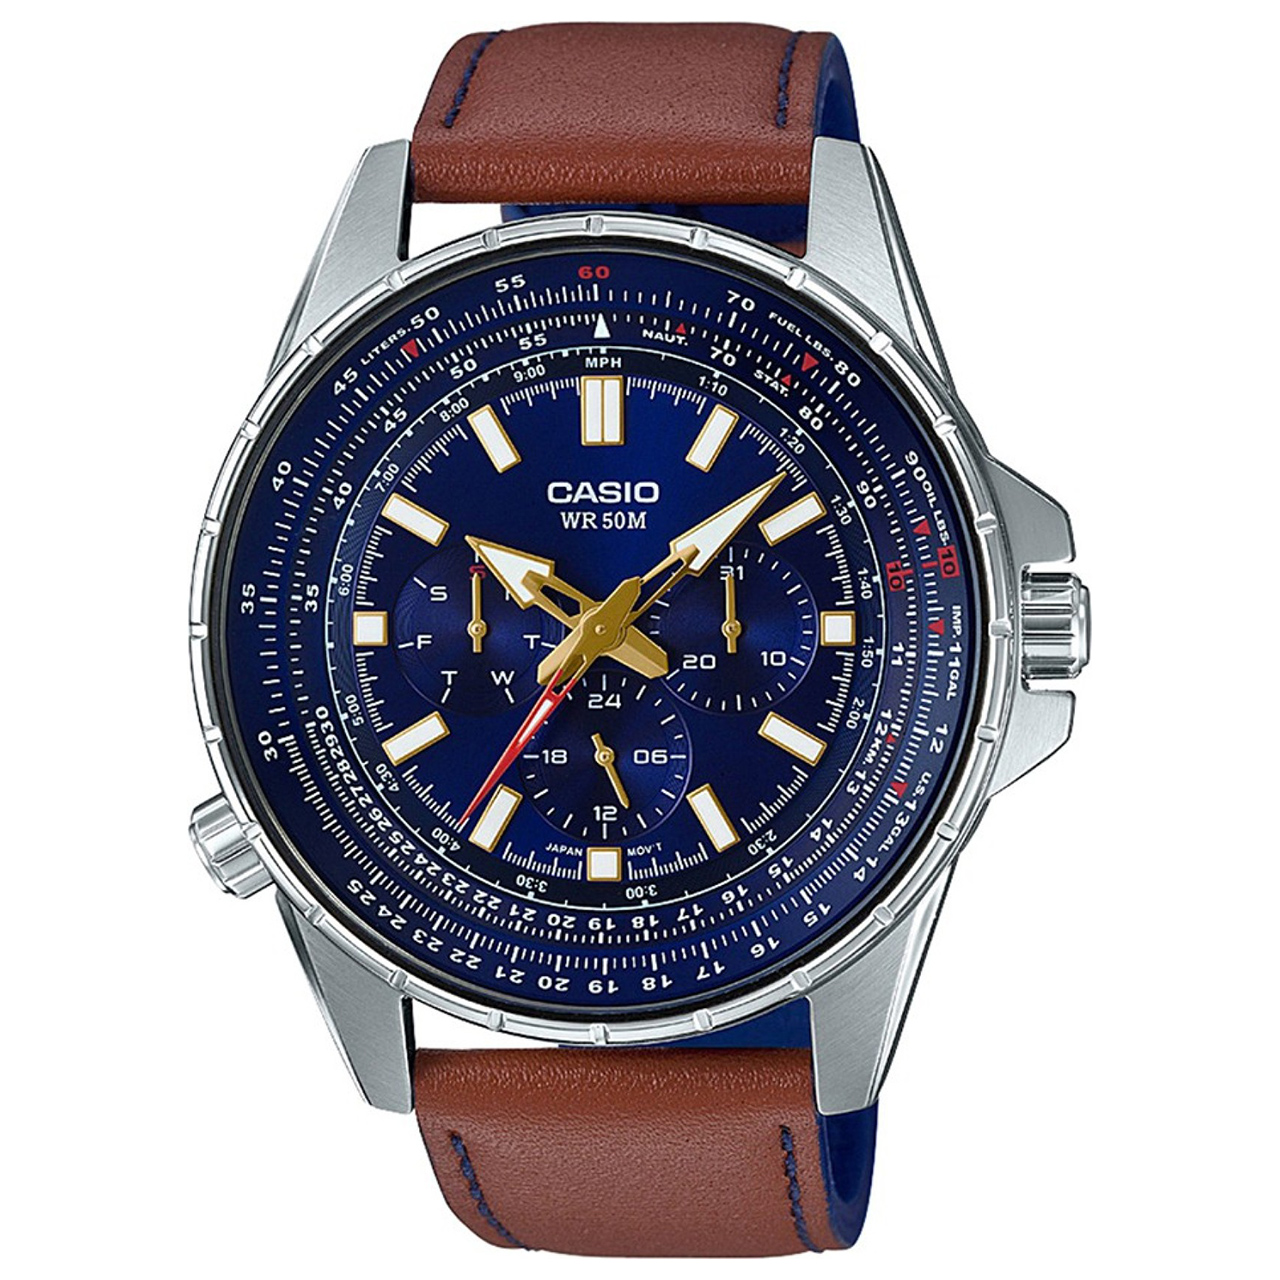 ساعت مچی عقربه ای مردانه کاسیو مدل MTP-SW320L-2AVDF 52